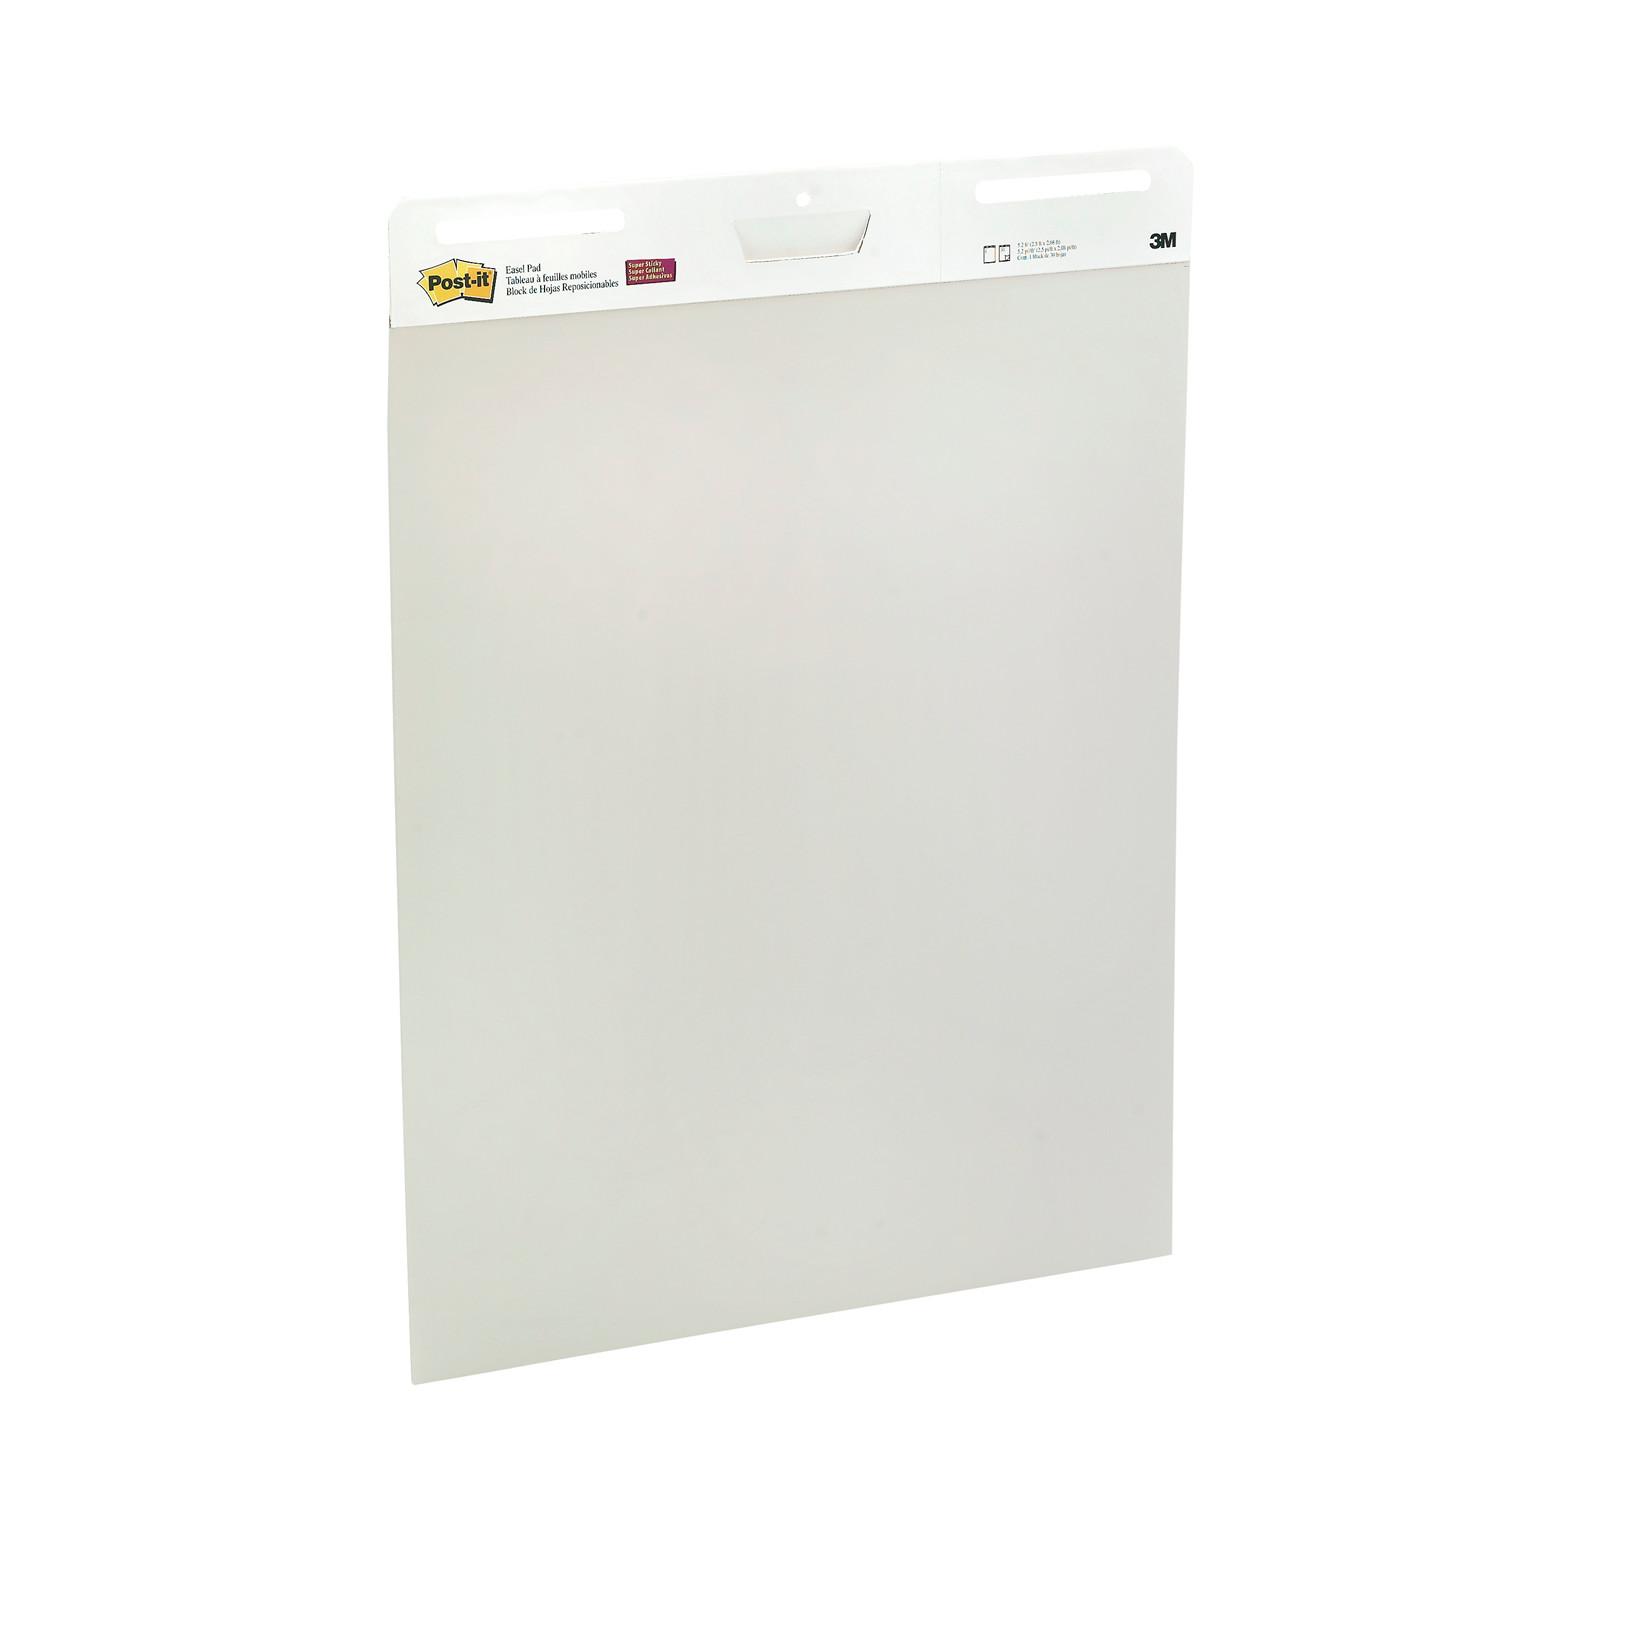 Post-it 559 Flipover blok blank 63,5 x 77,4 cm - 30 ark